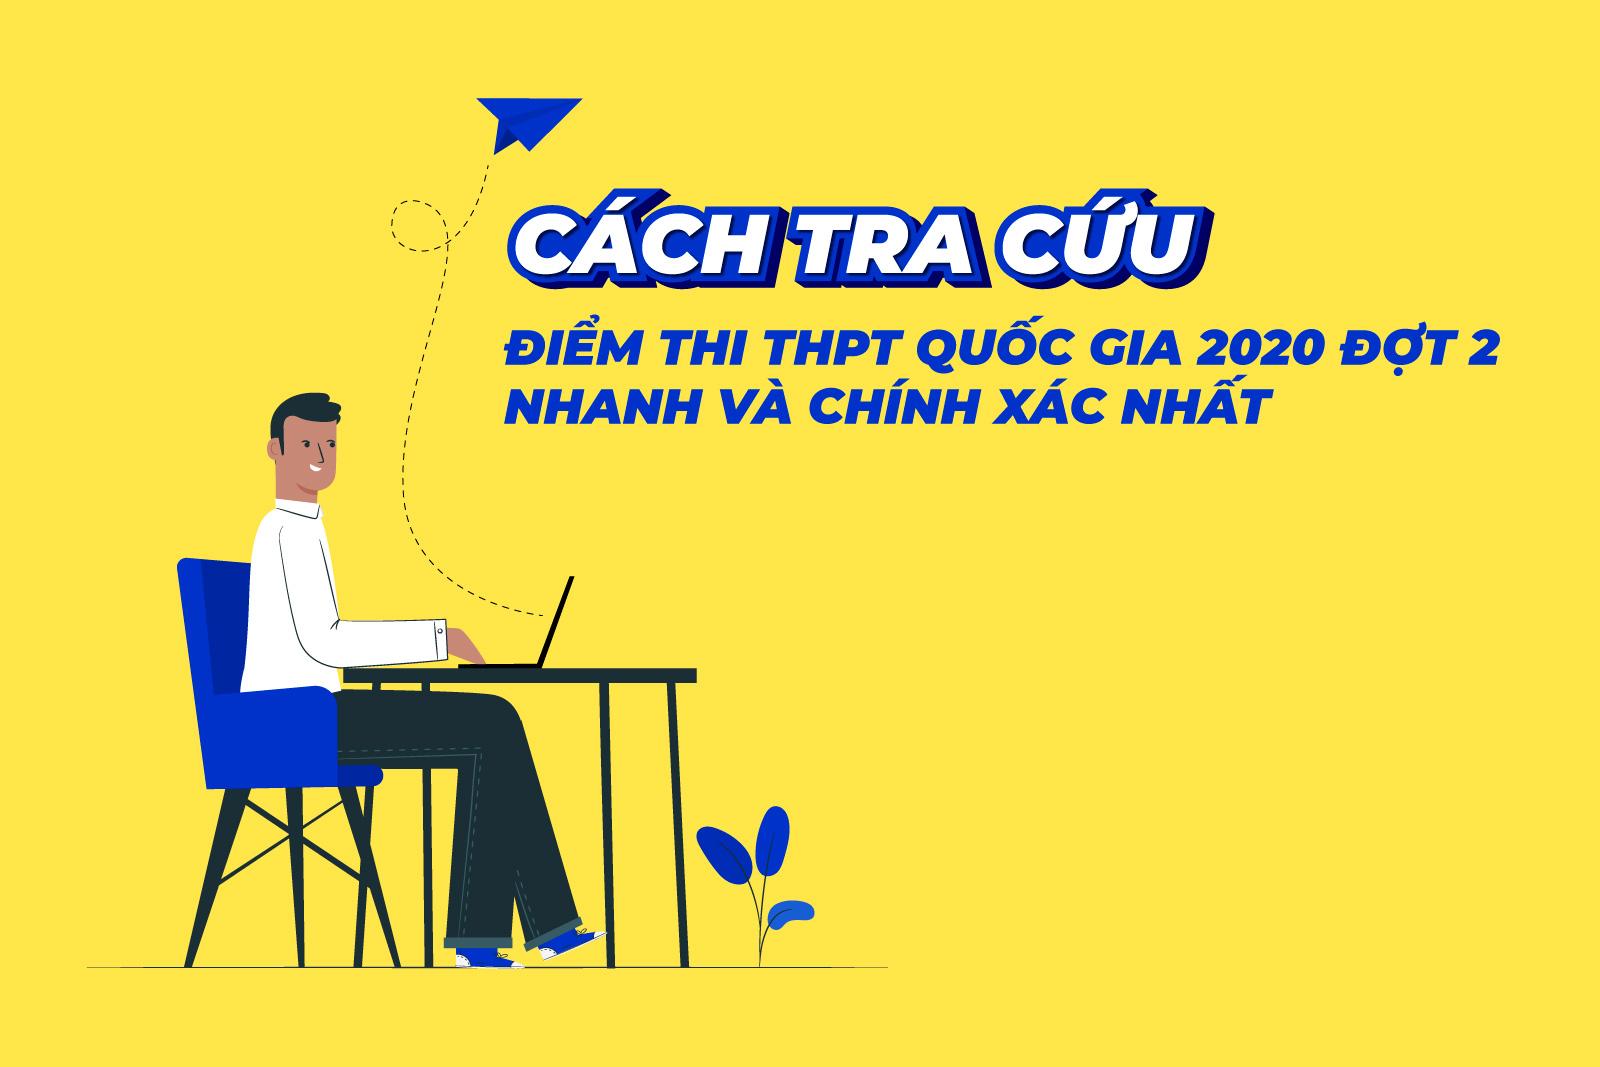 Cách tra cứu điểm thi tốt nghiệp THPT 2020 đợt 2